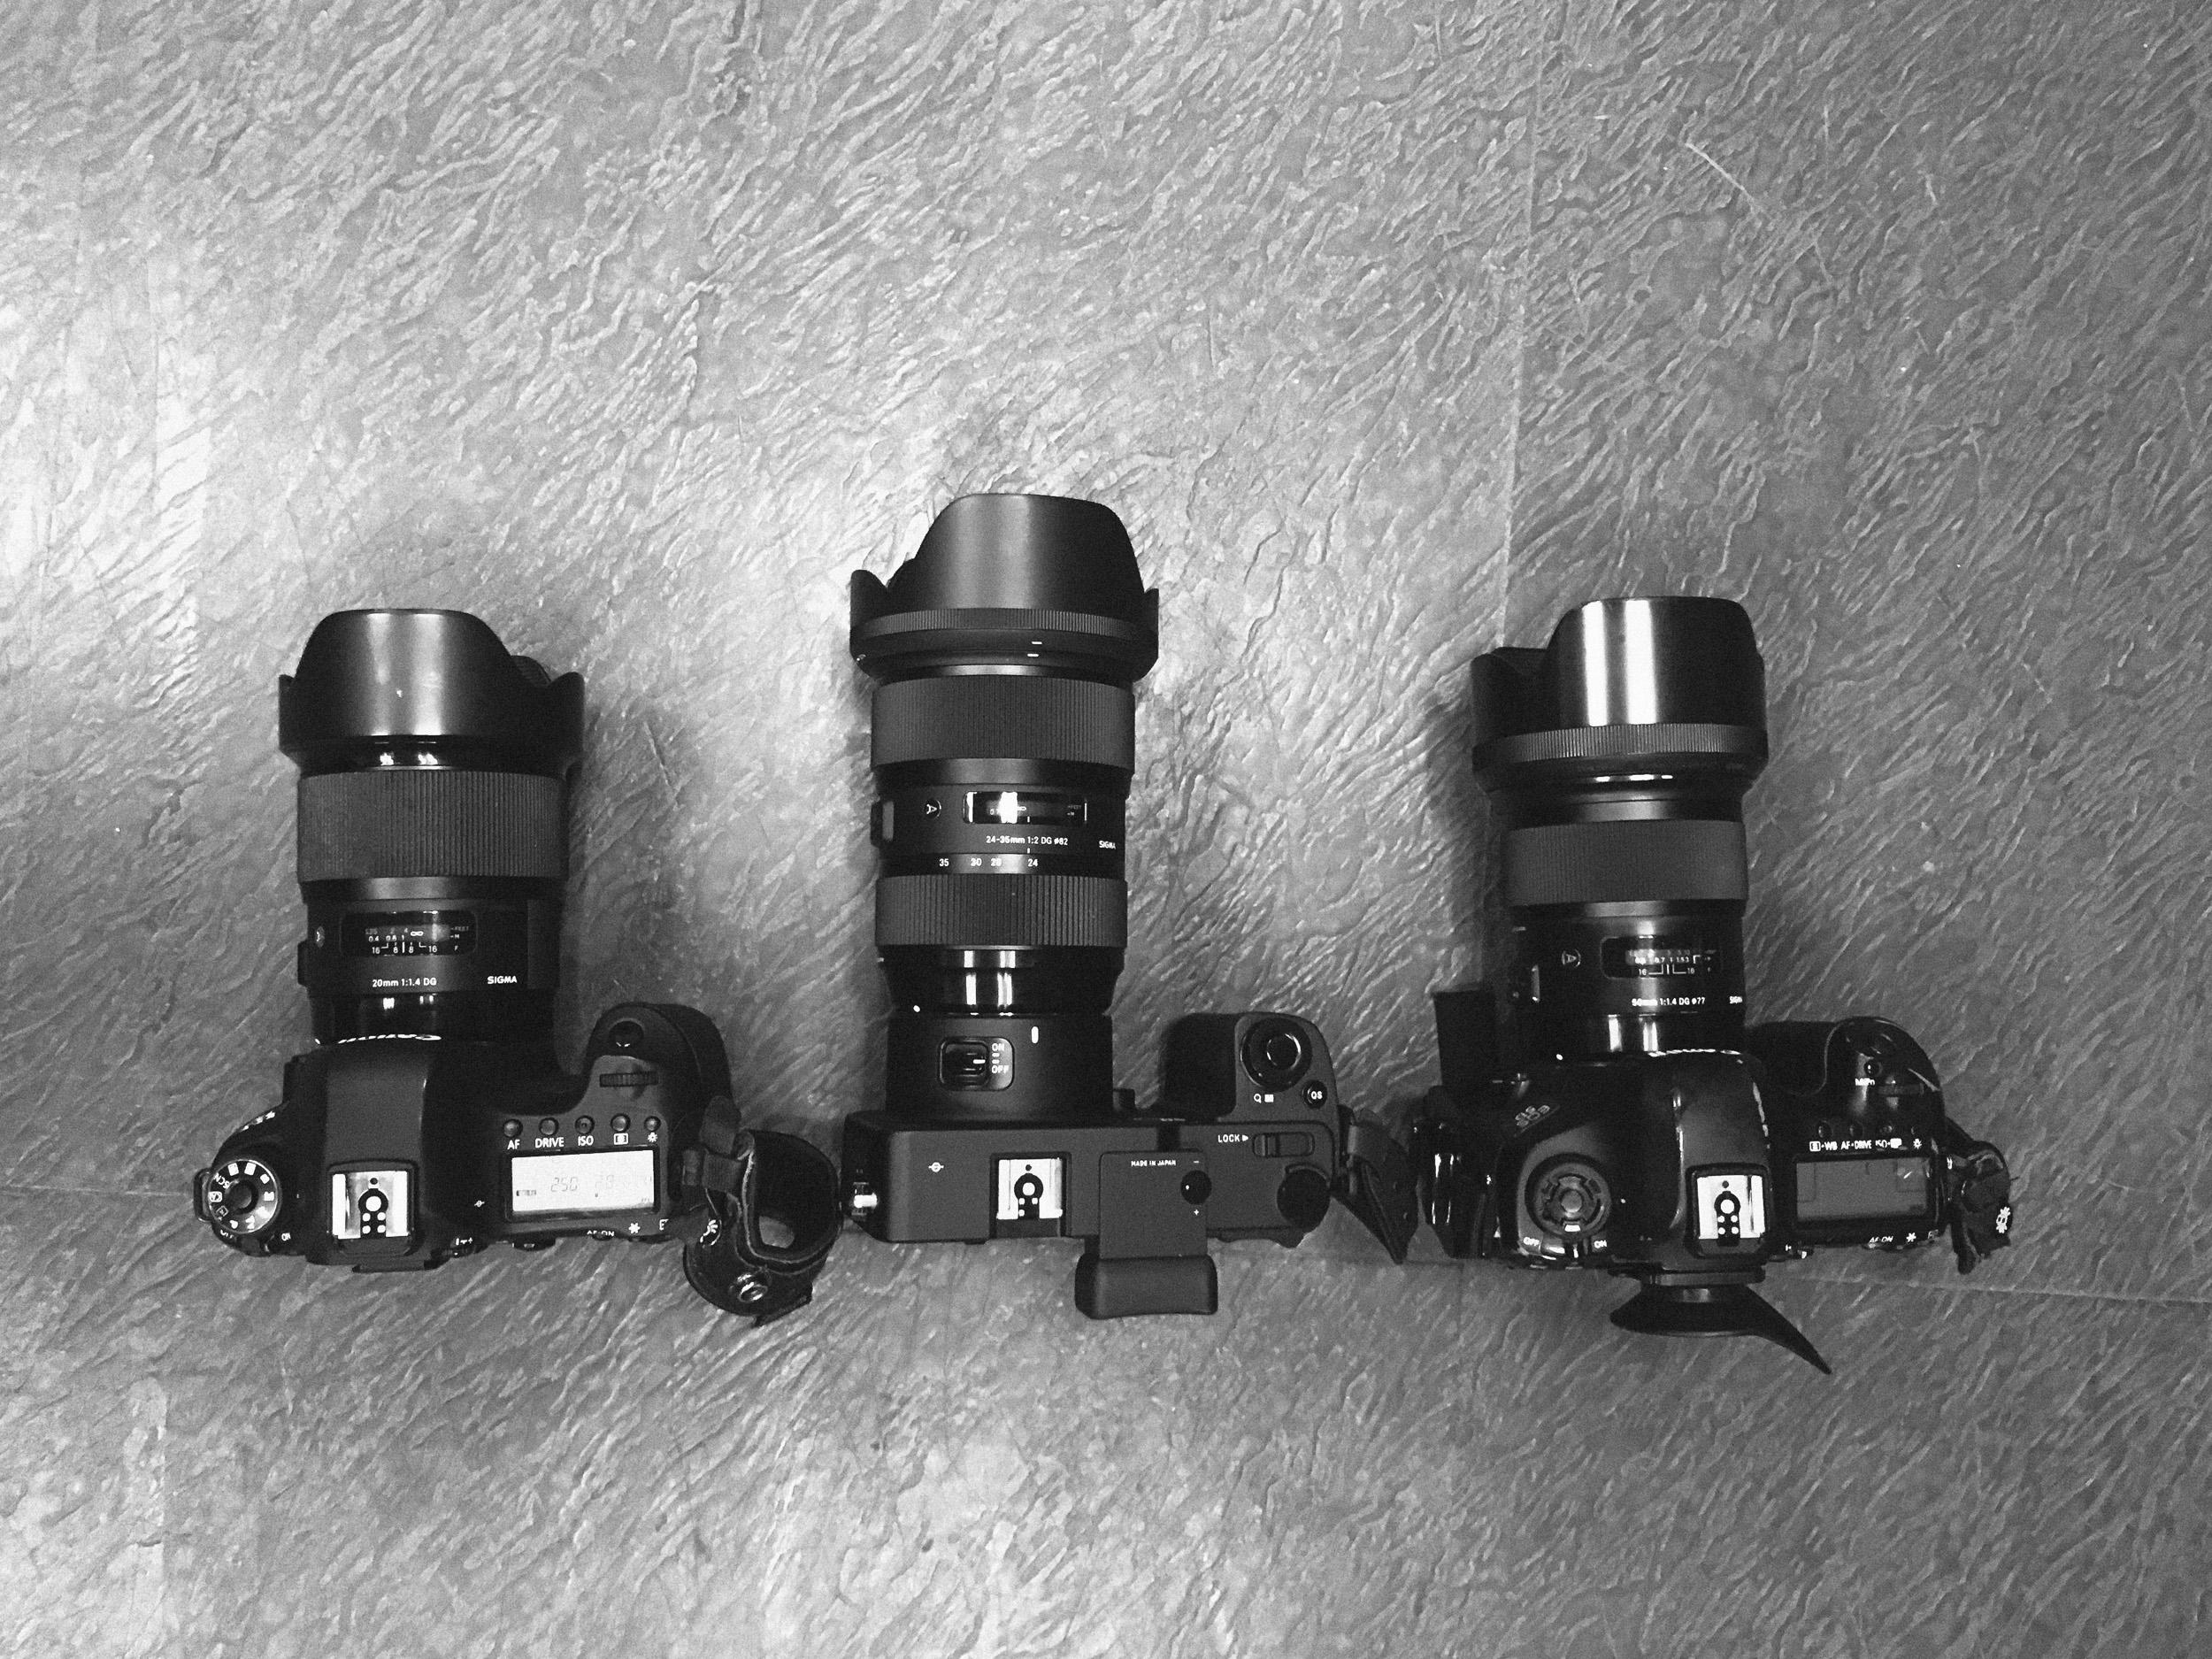 Three camera rig